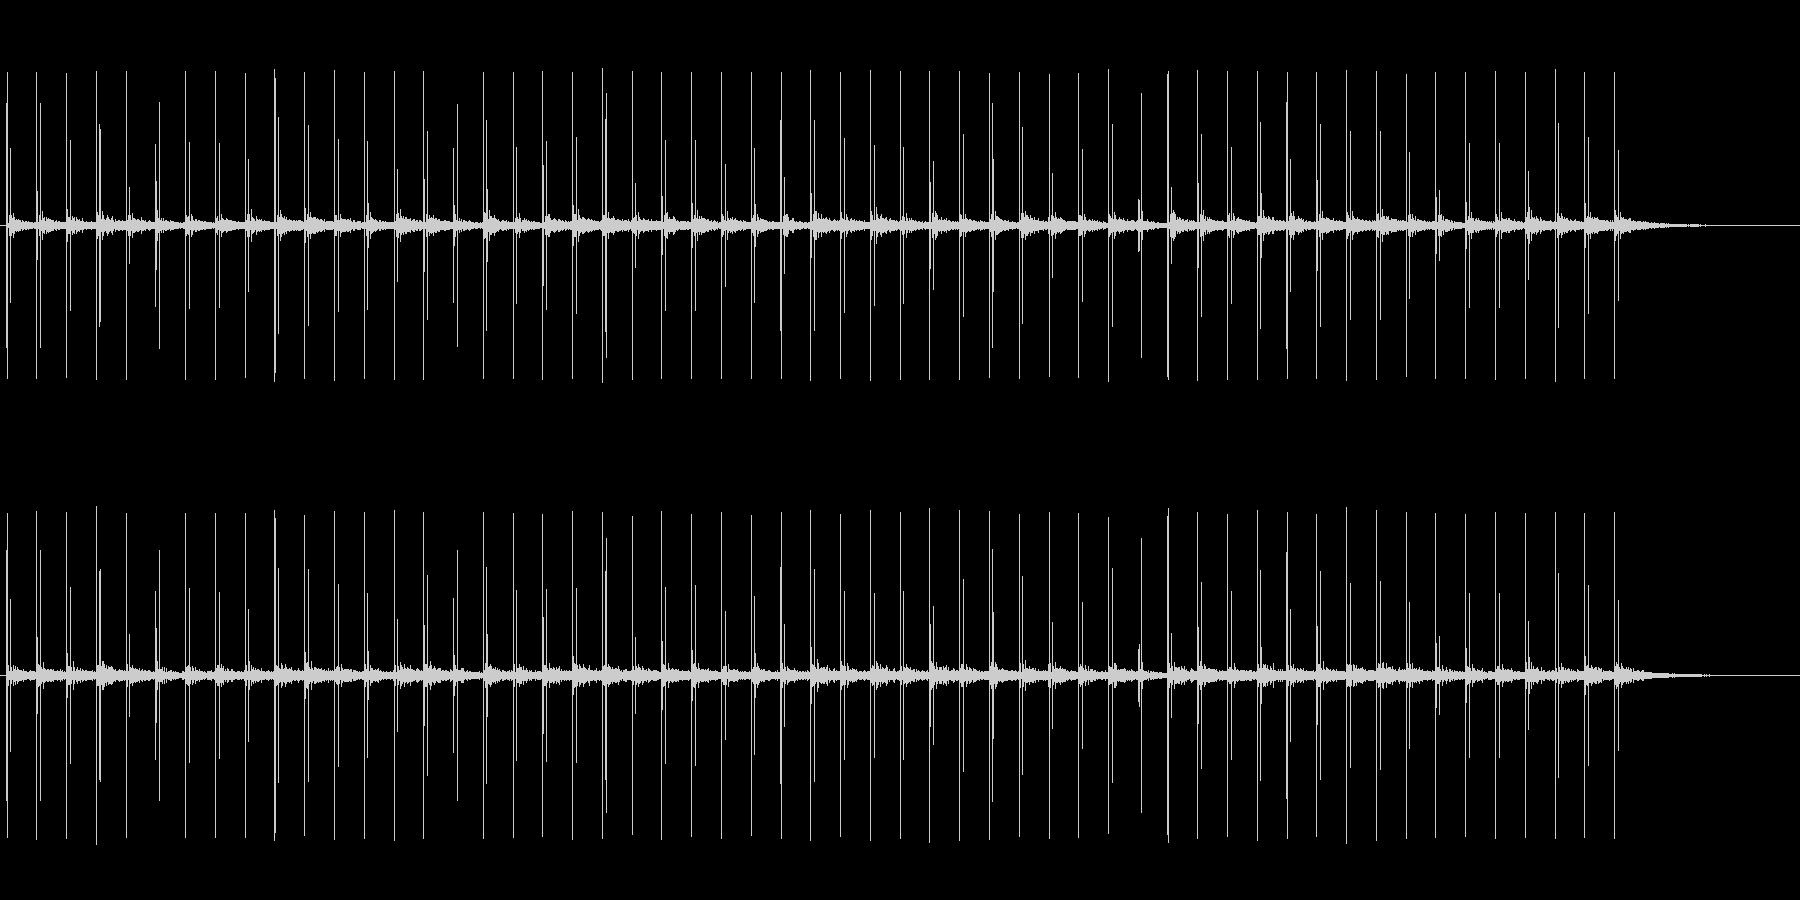 反響音のある、革靴で歩く音の未再生の波形